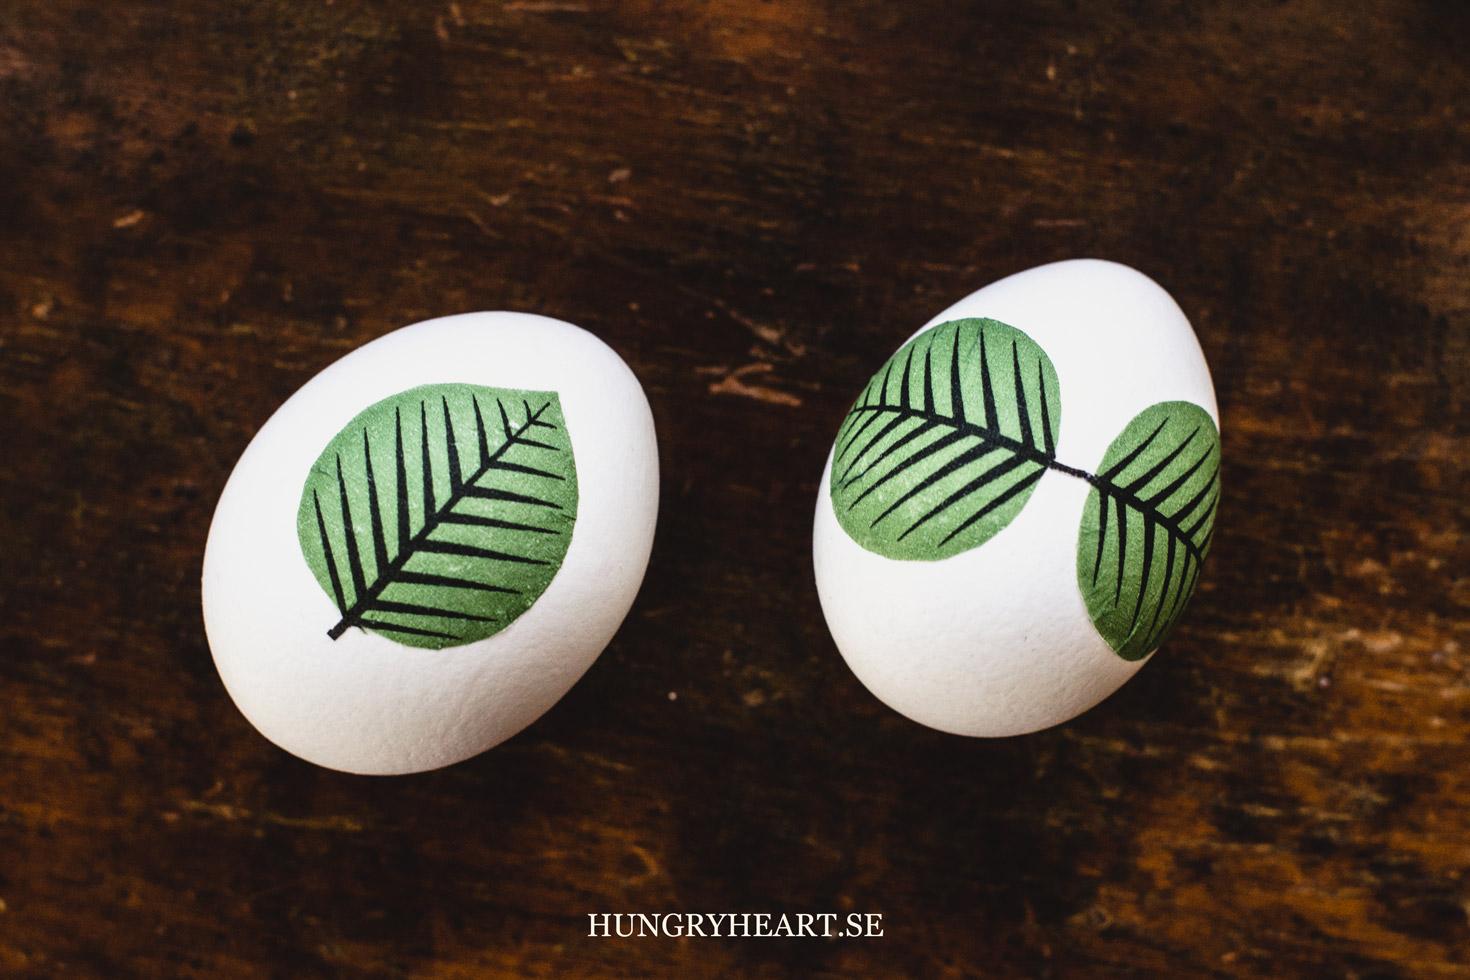 manualidades huevos de pascua en bonitas imagines, huevos de Pascua con motivos florales